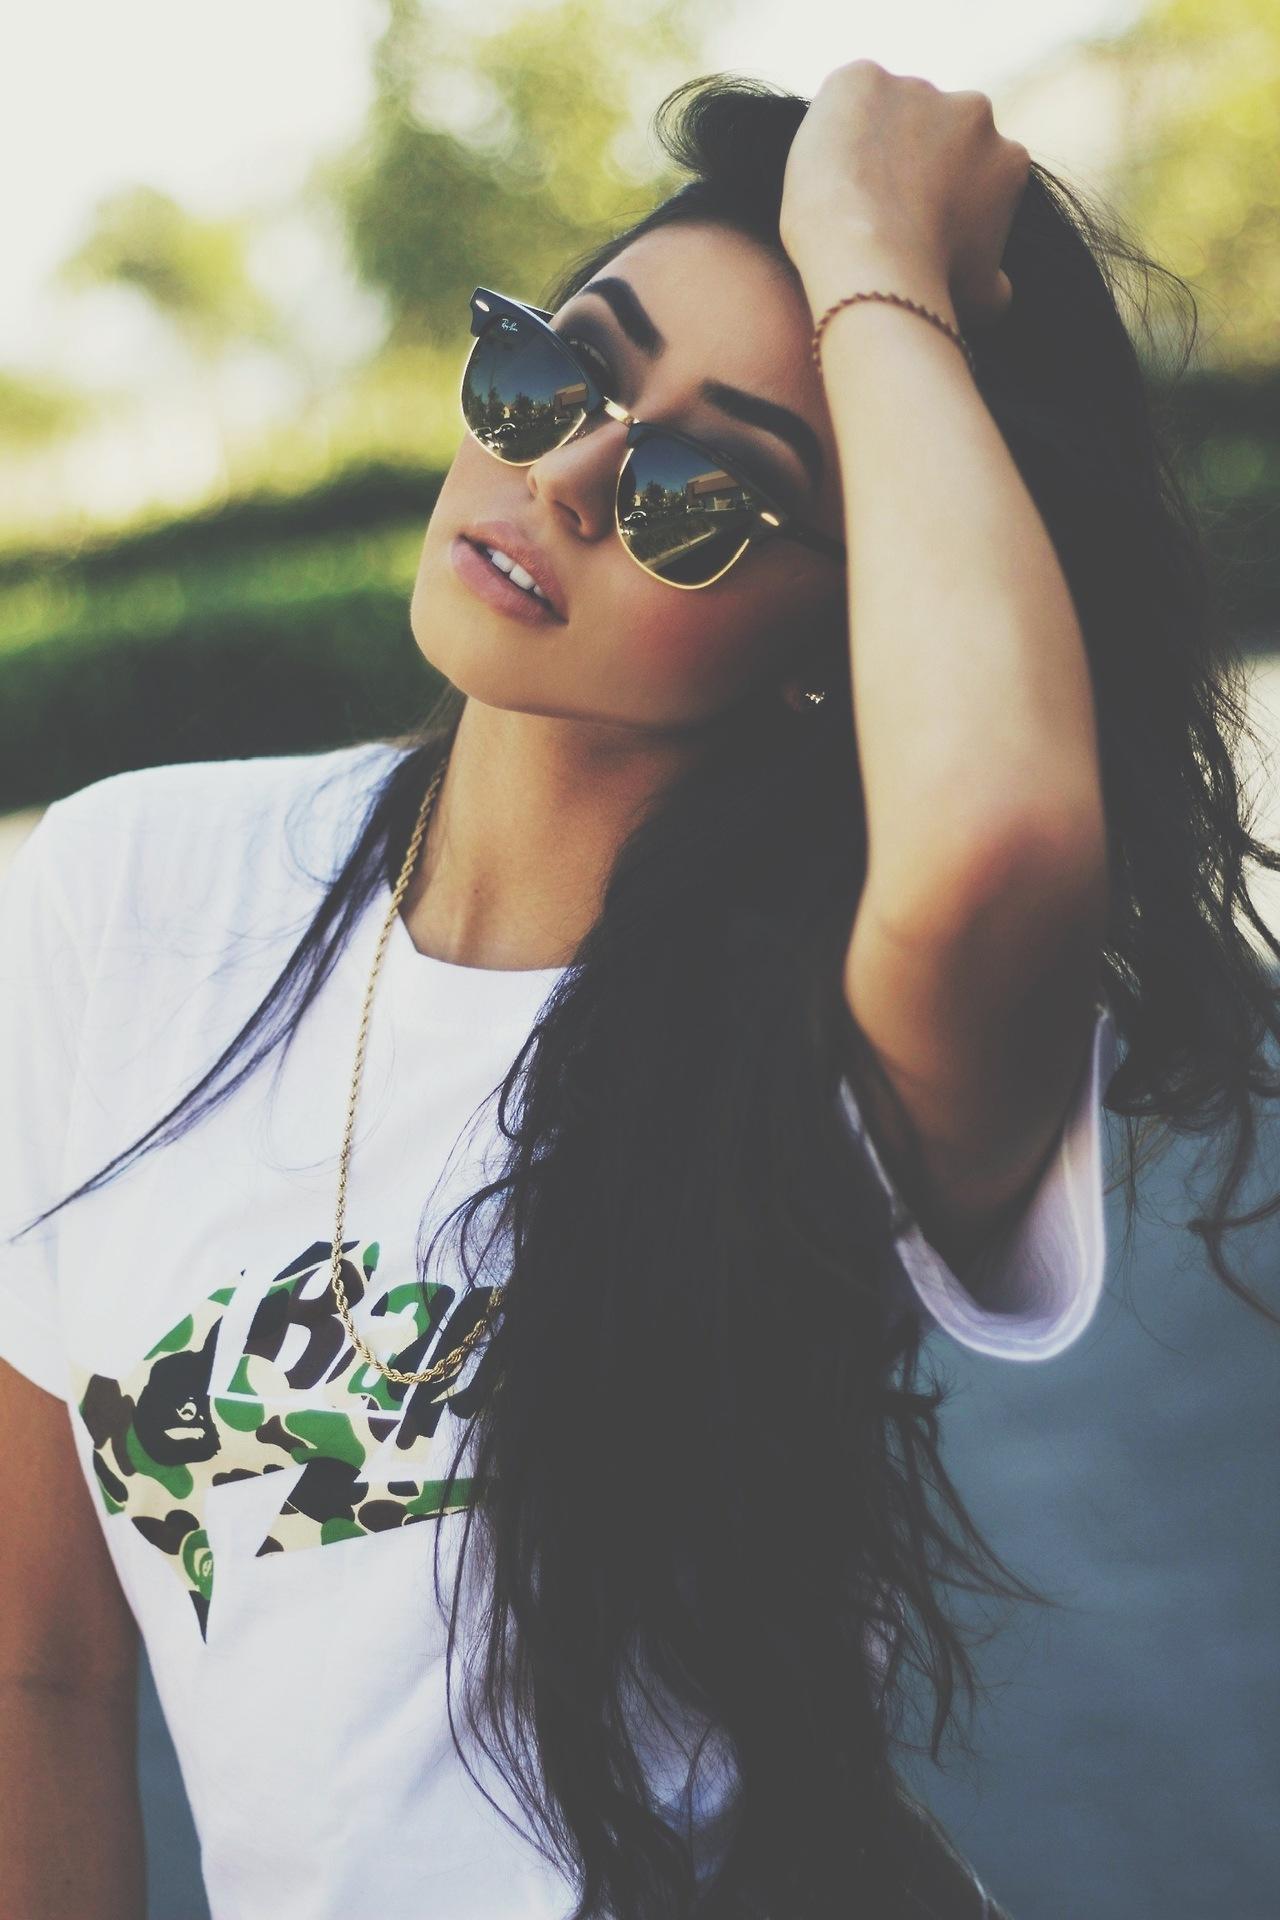 Красивые девушки на аву в вк 18 лет брюнетки на аву в